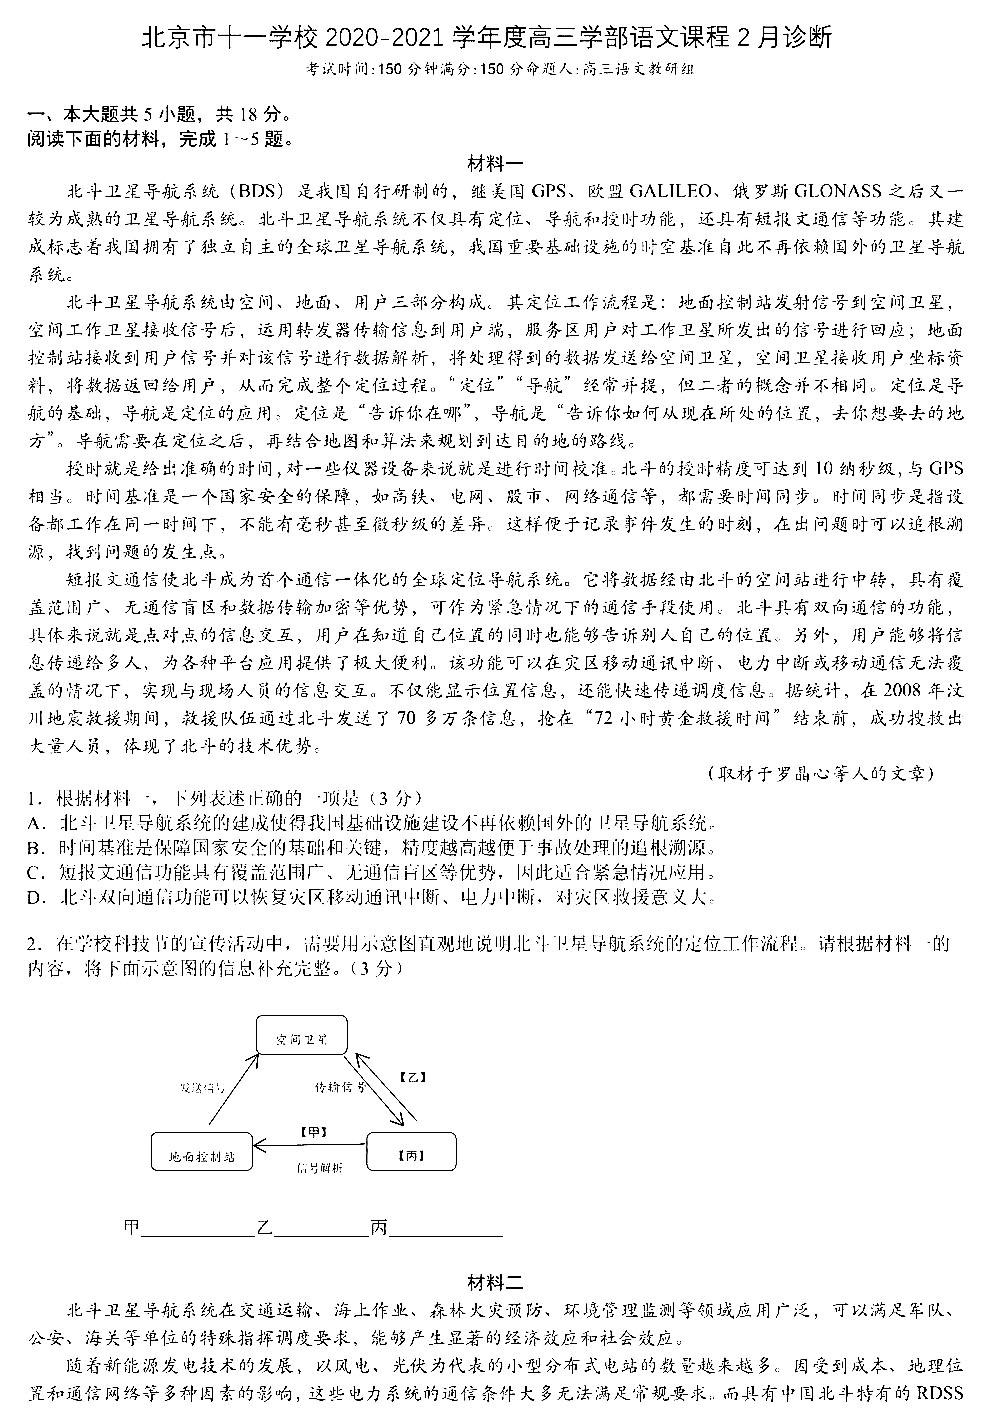 北京十一学校2021高三开学考语文试题及答案图1